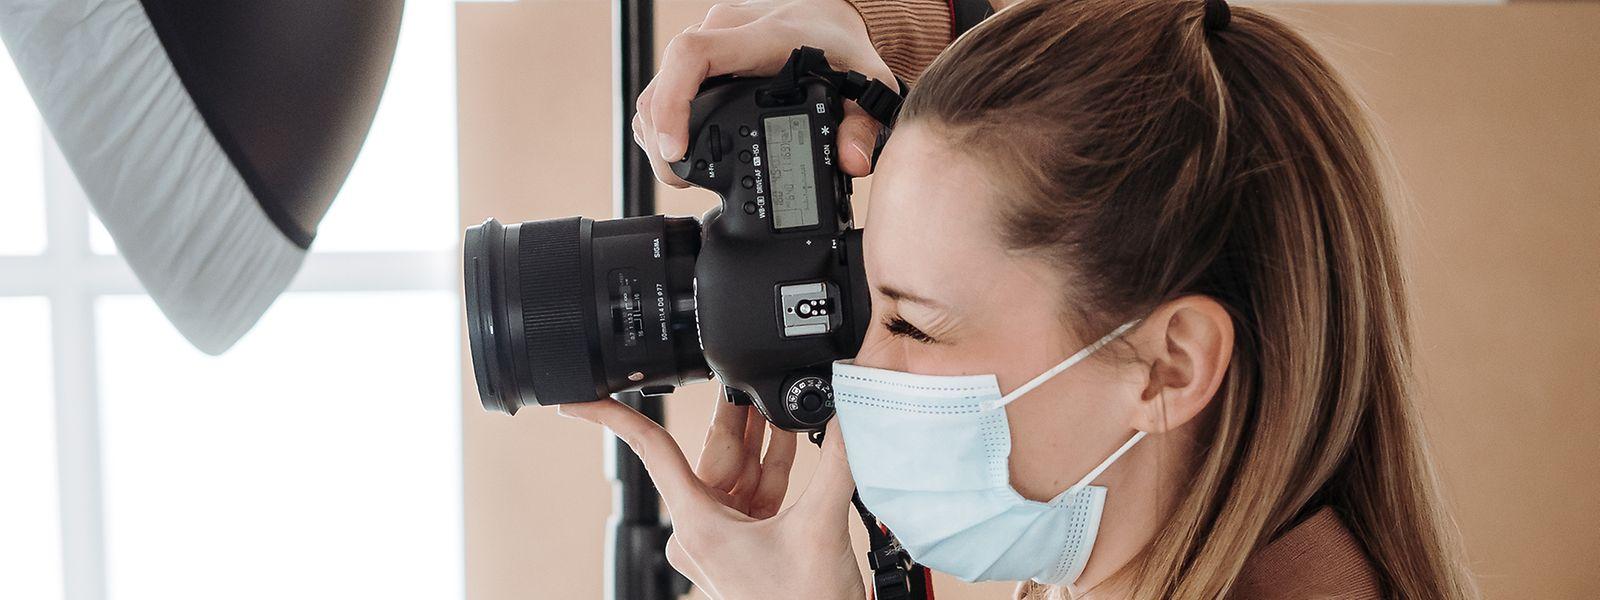 Les étudiants en digital content s'initieront notamment à la captation d'image en vue de créer des contenus sur le web.